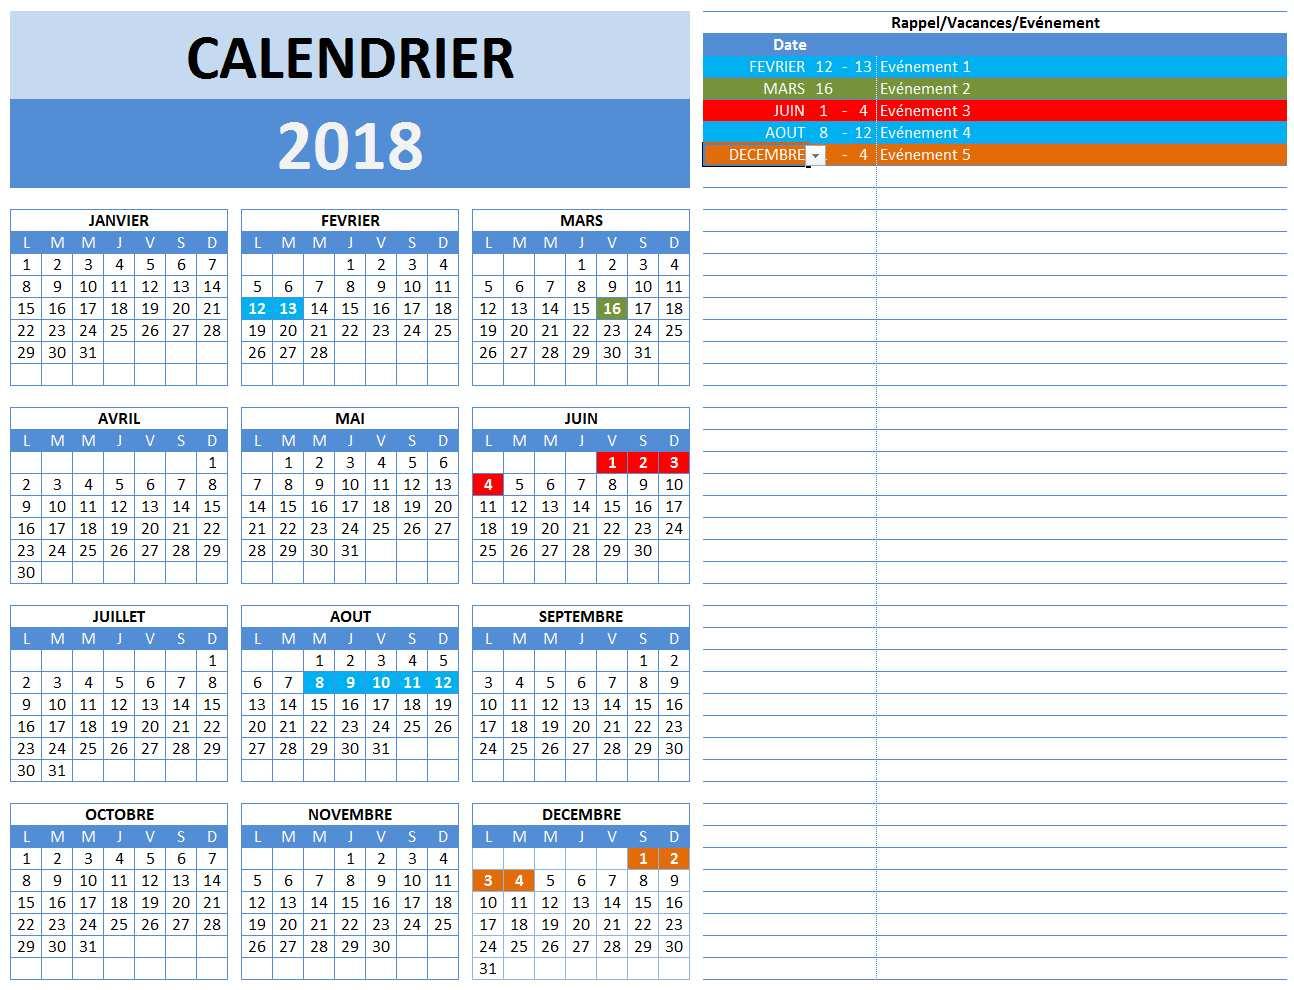 Coupe Du Monde De Football Calendrier.Calendrier 2018 Tableau Excel